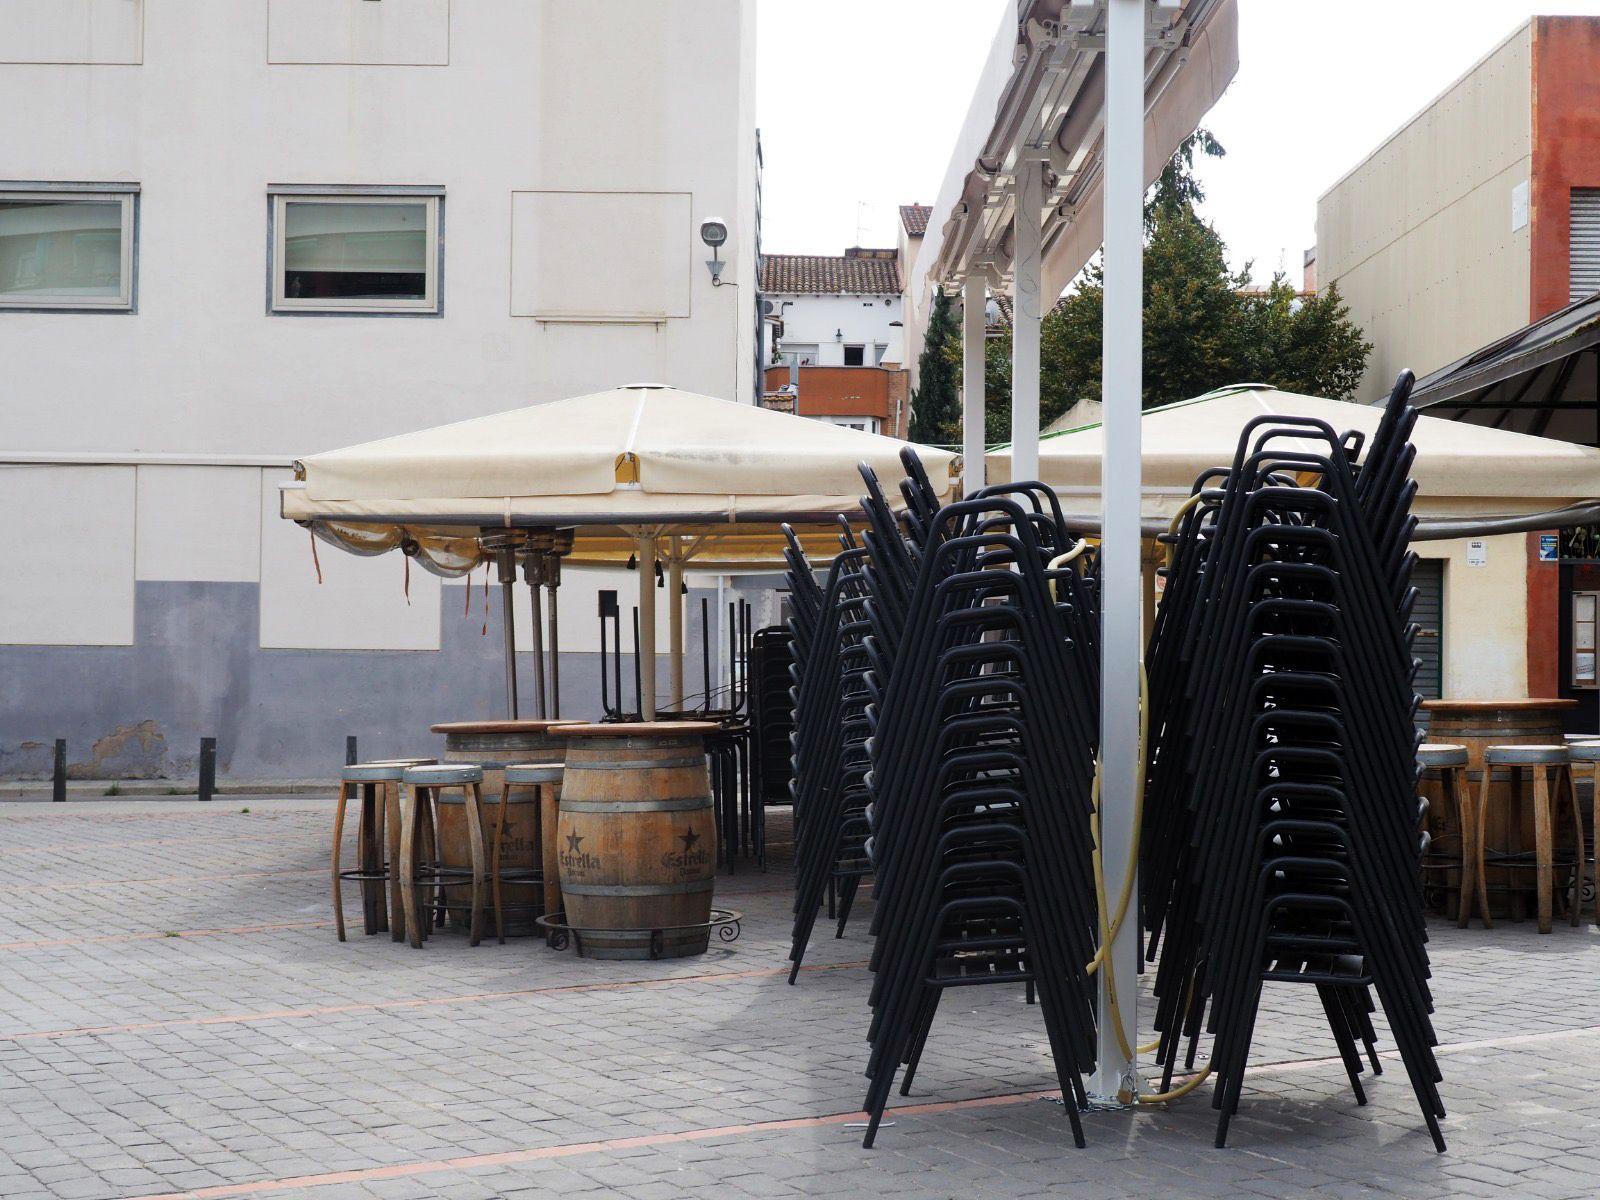 Els bars i restaurants també s'han vist obligats a tancar. FOTO: Mónica García Moreno